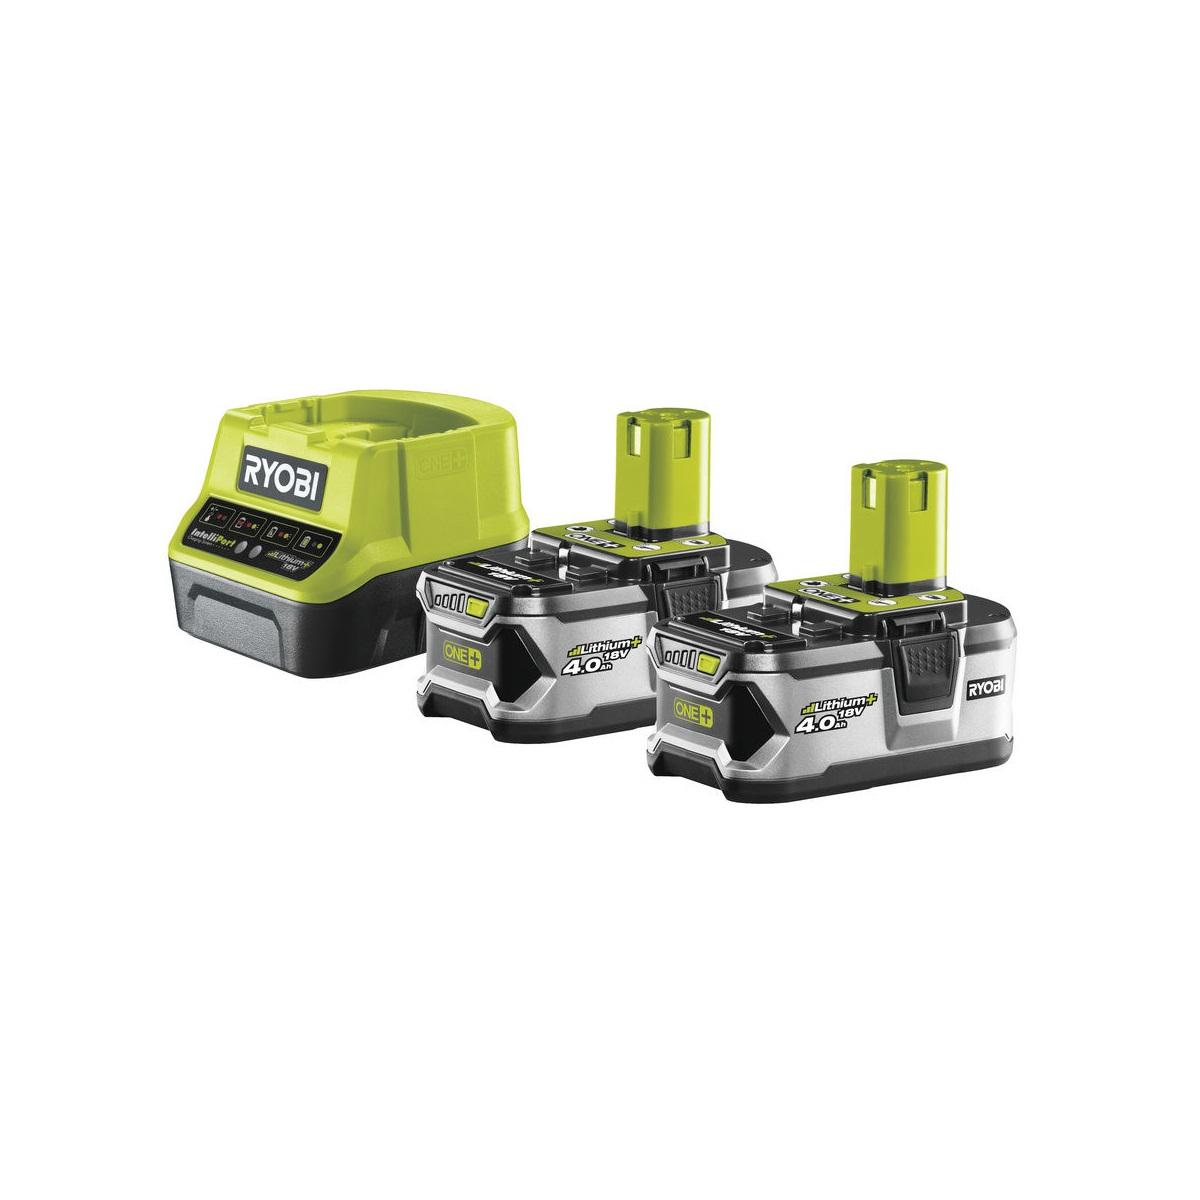 Ryobi RC18120-240, sada 2x 18 V lithium iontová baterie 4 Ah s nabíječkou RC18120 ONE+